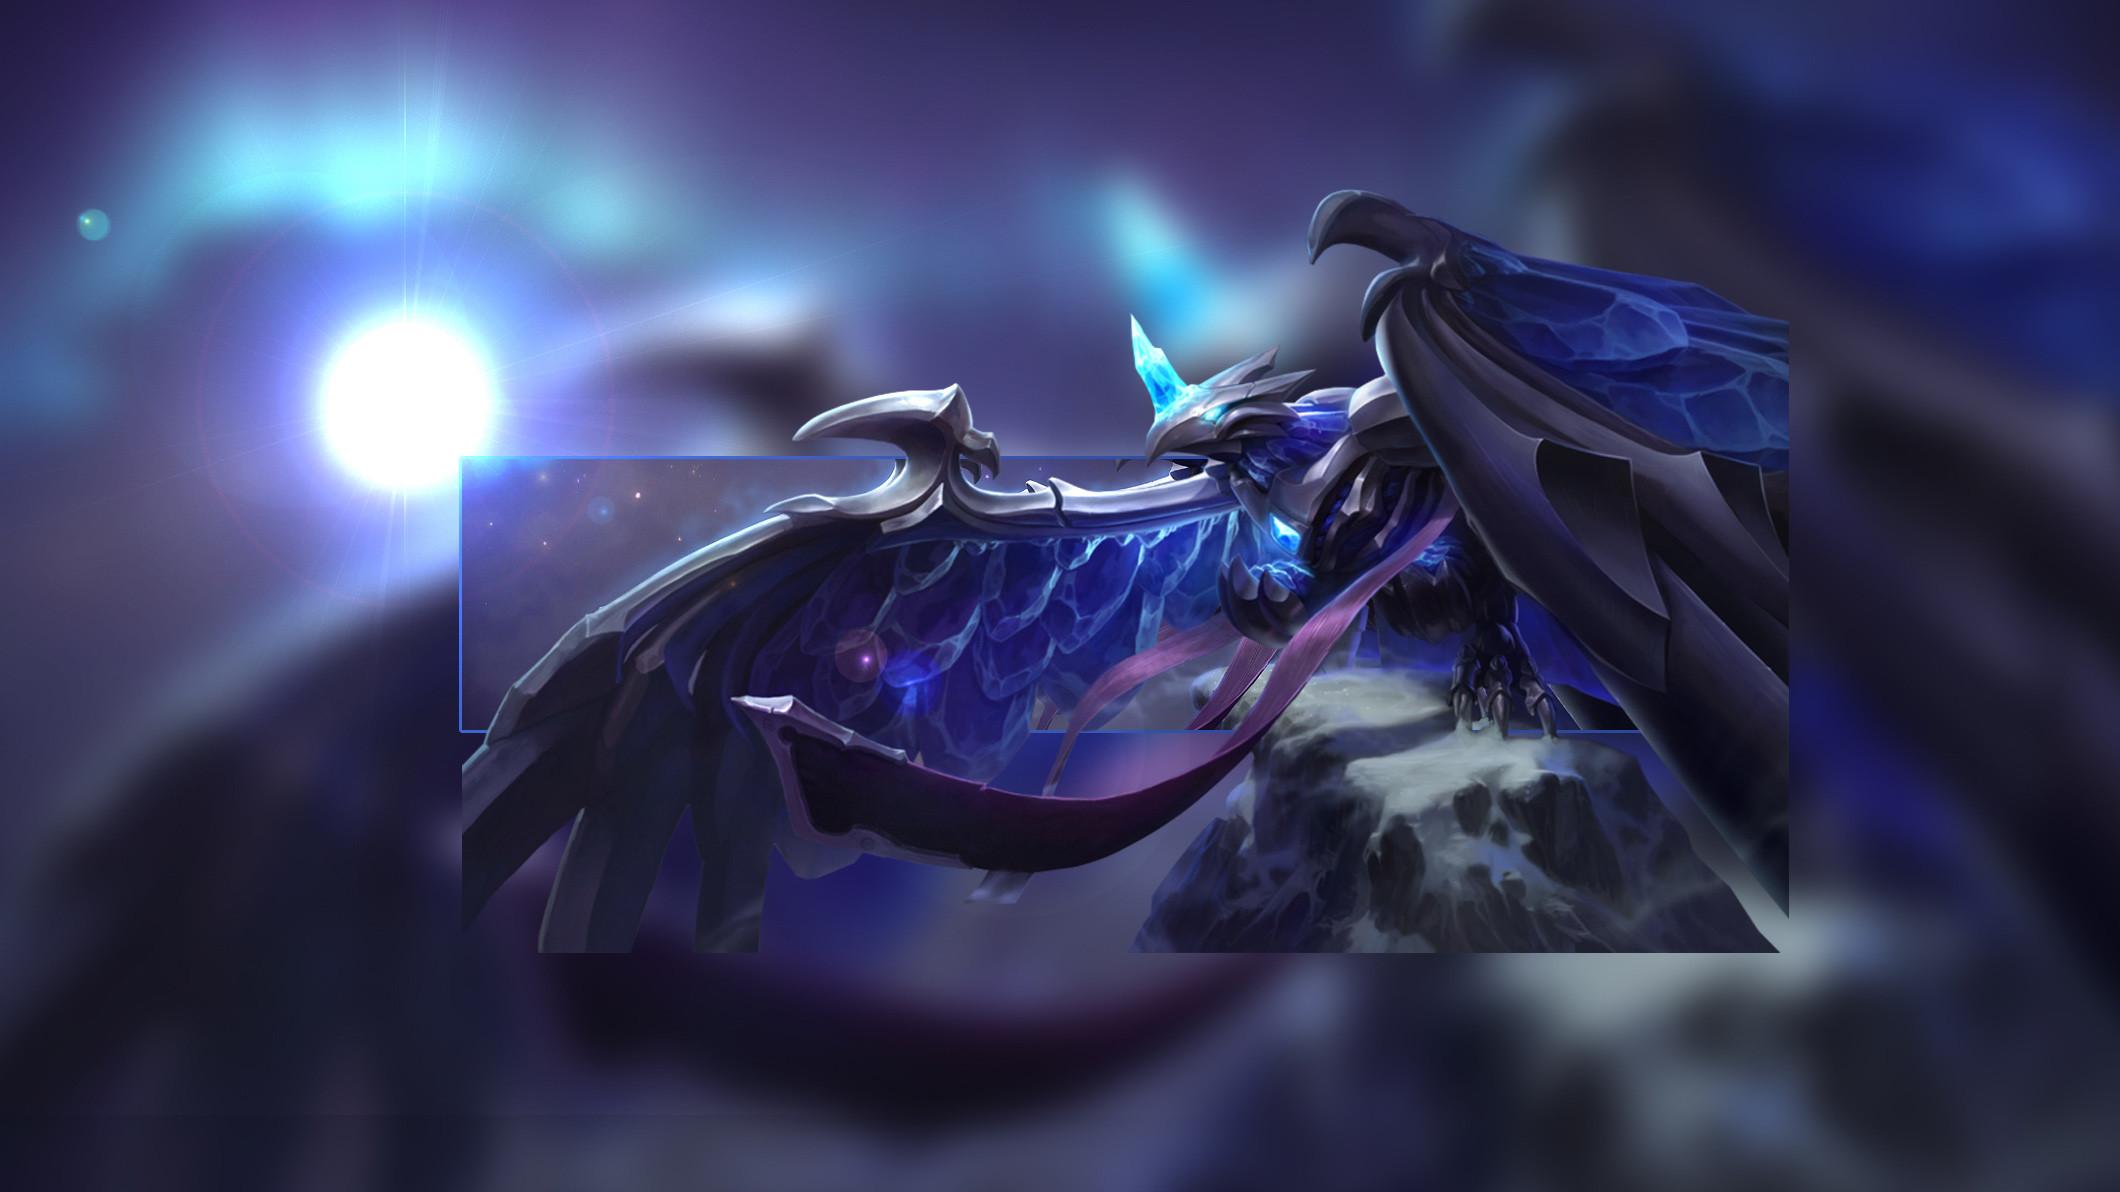 Blackfrost Anivia by Insane HD Wallpaper Artwork Fan Art League of Legends  lol